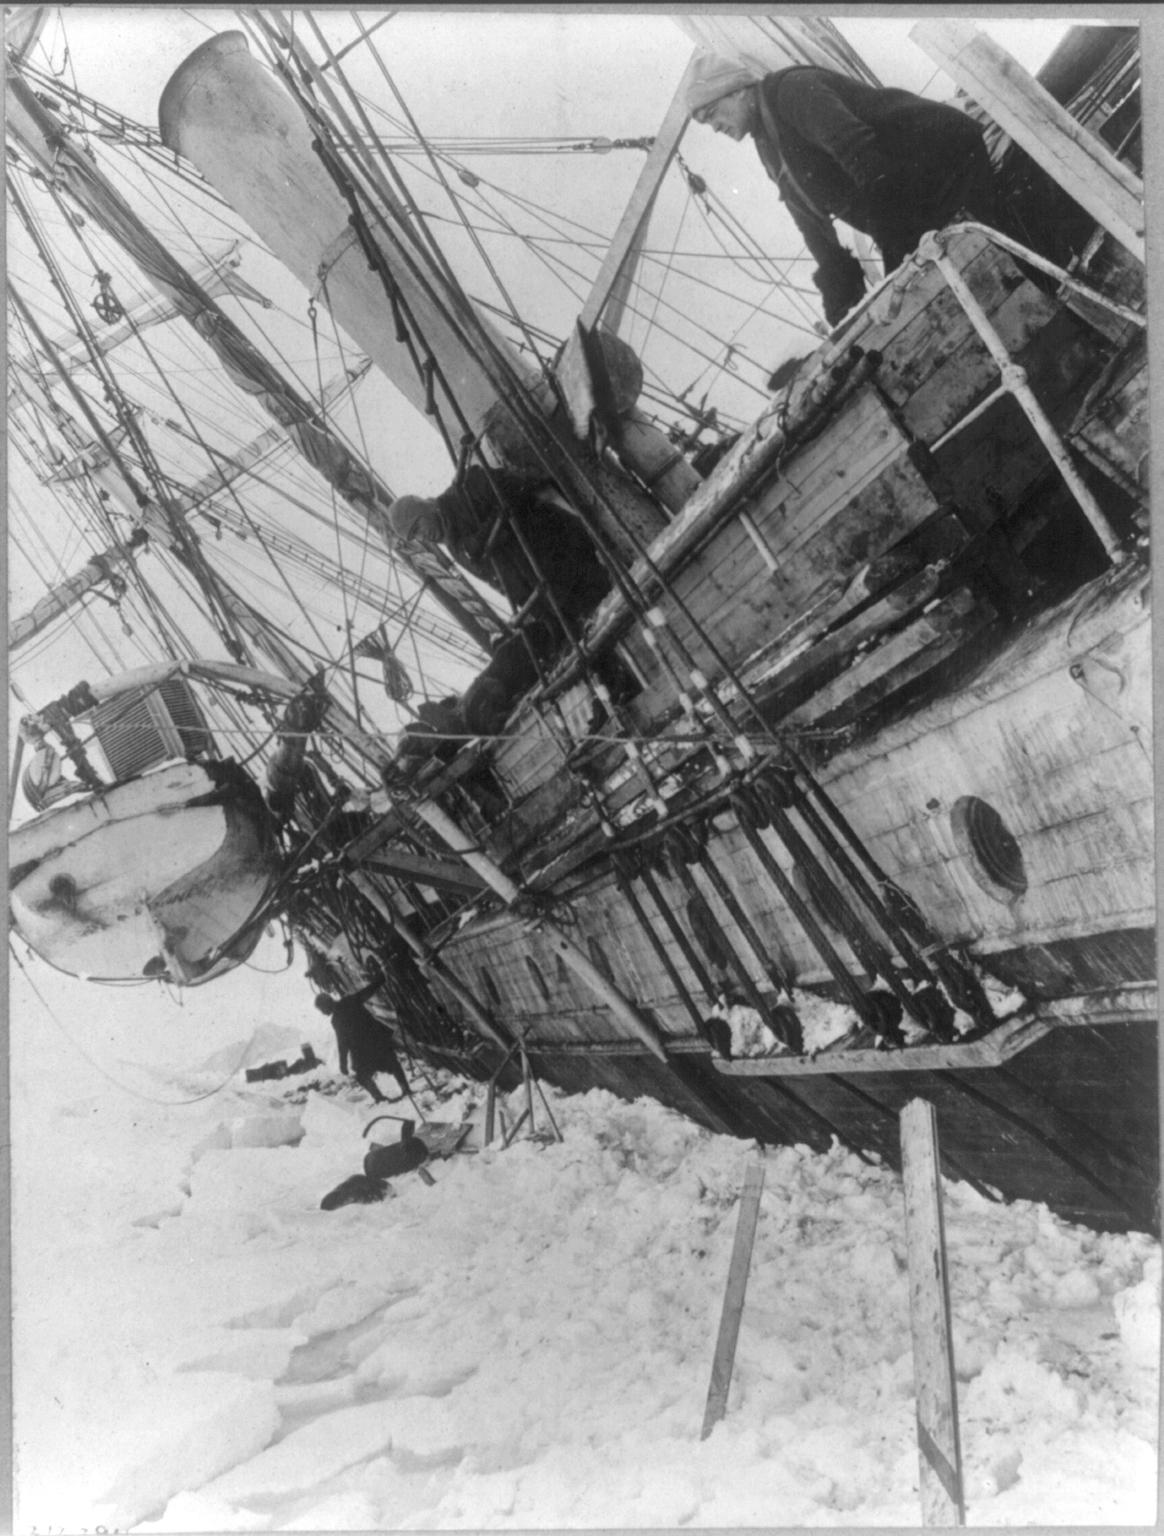 shackletons lost ship endurance - 770×1022